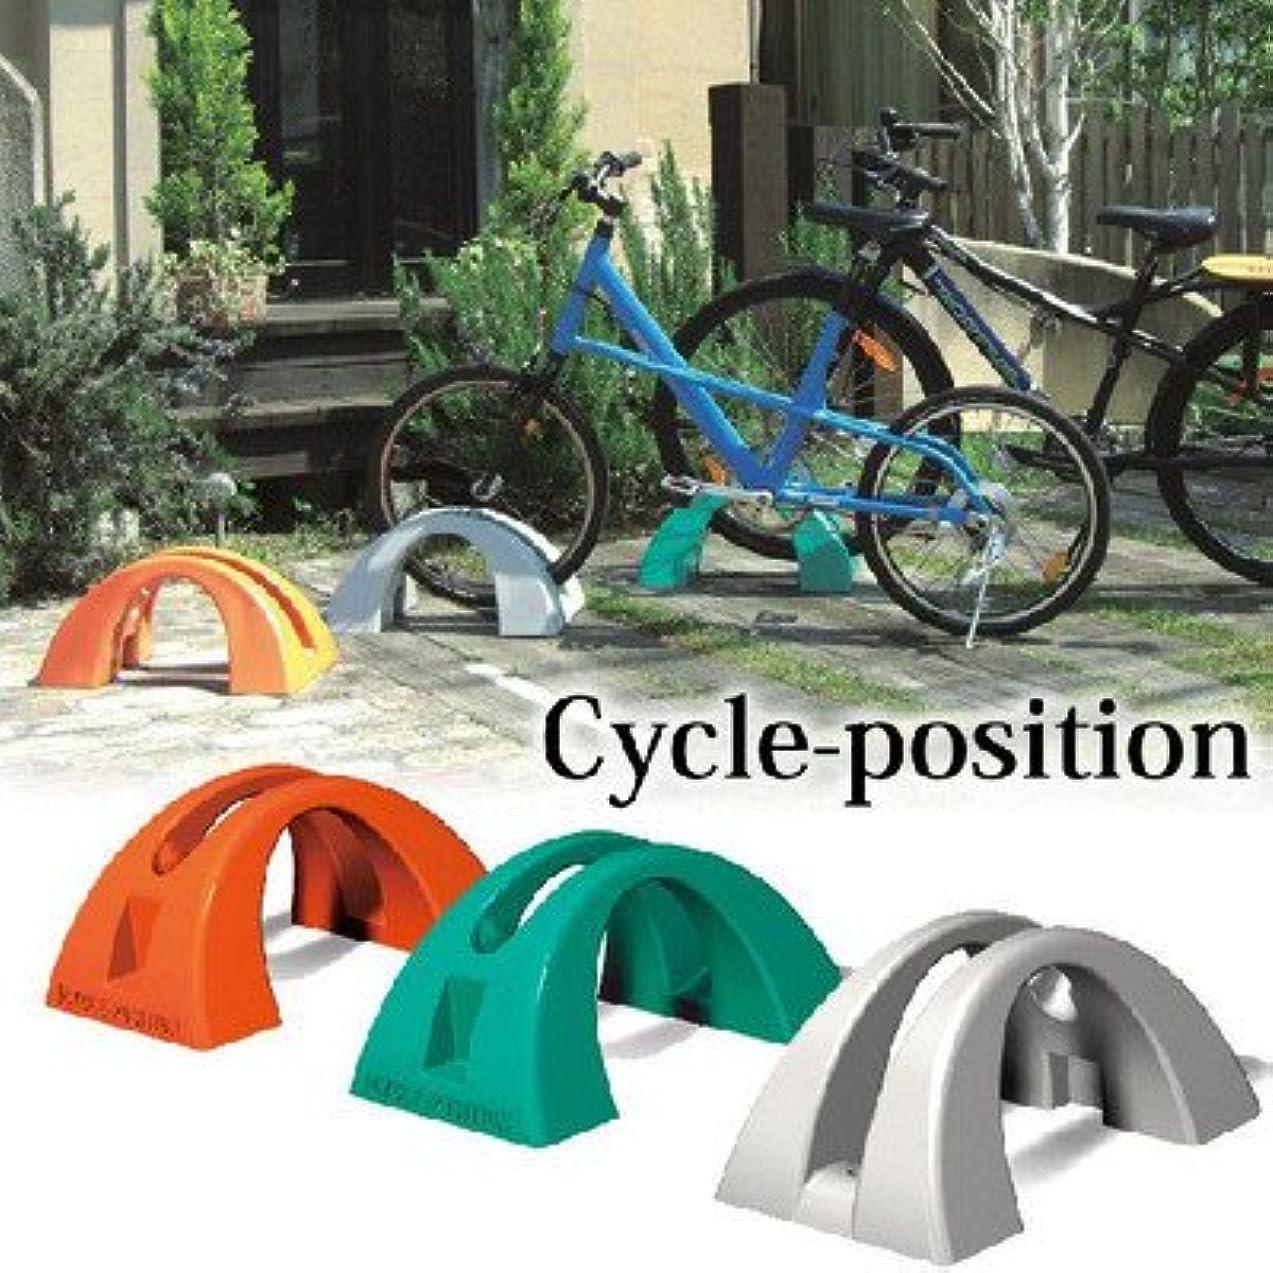 ワーディアンケース著名な選択自転車スタンド 1台用 樹脂製 サイクルポジション グレー